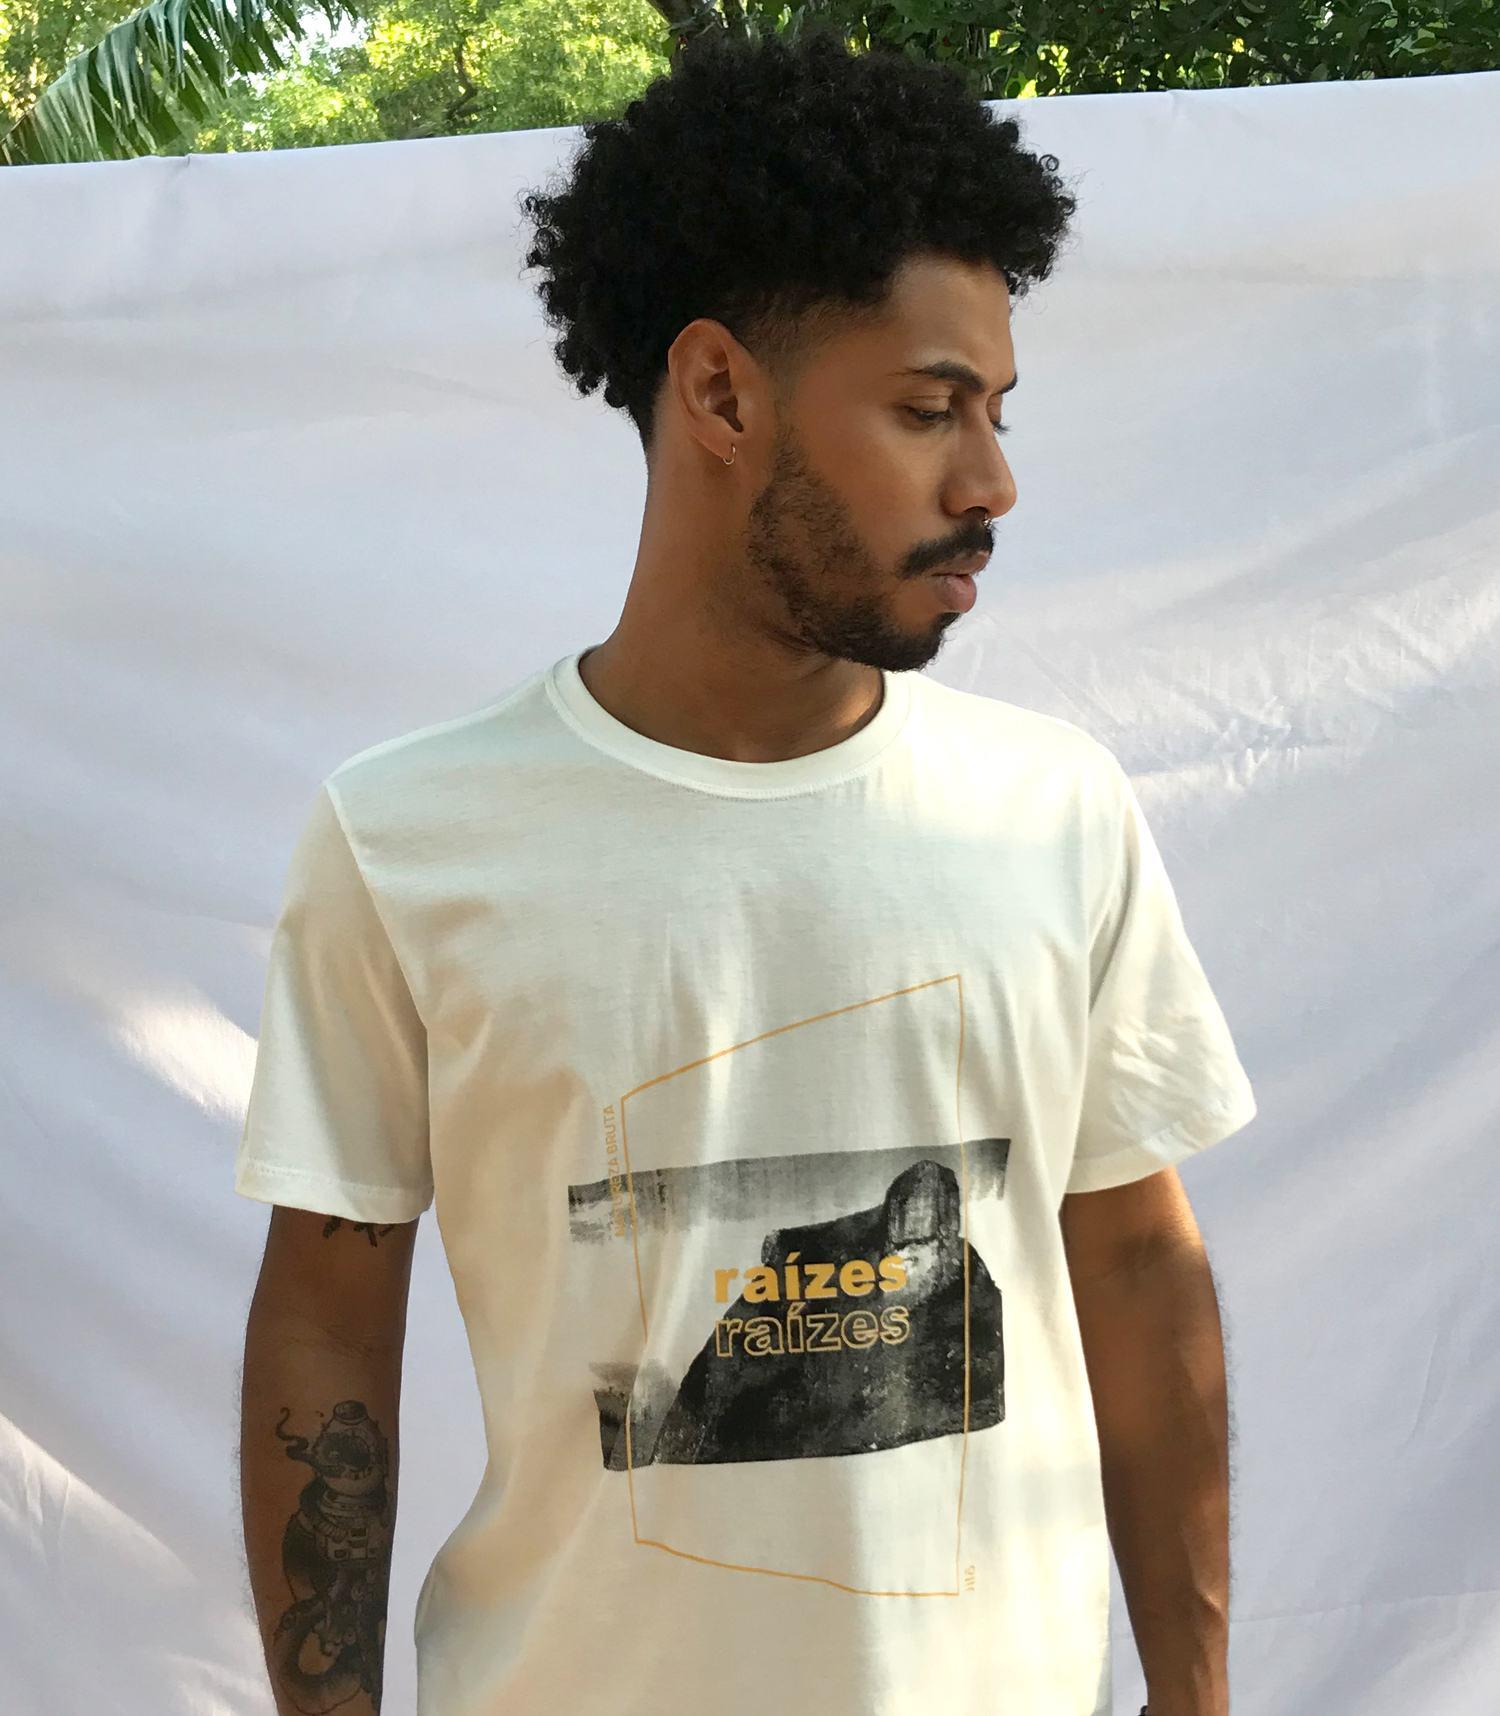 Camiseta Raízes Jiló